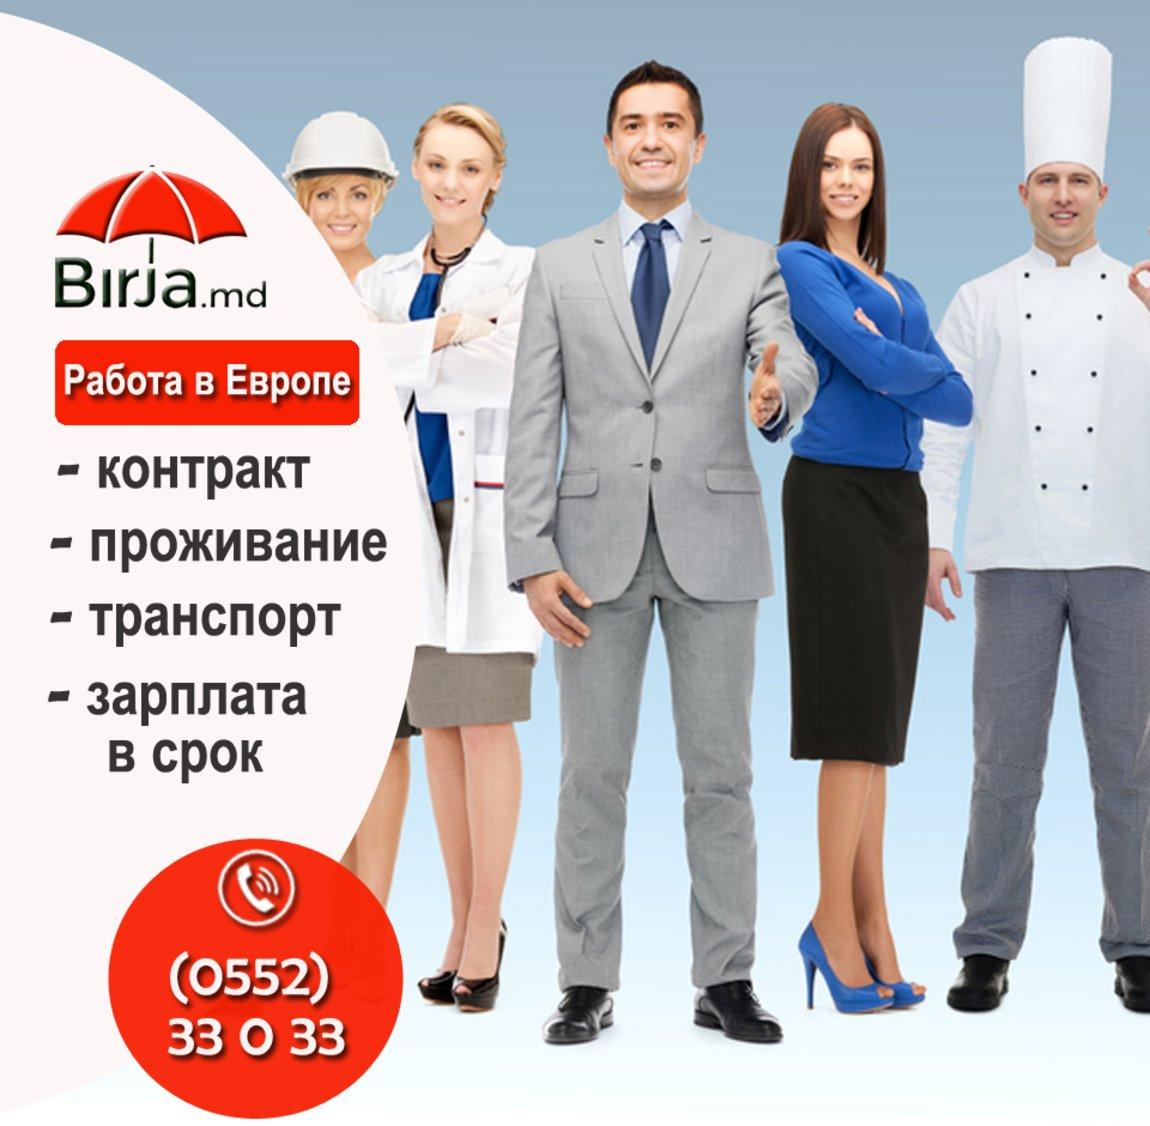 Работа в кишиневе для русскоязычных девушке заработать моделью онлайн в аркадак